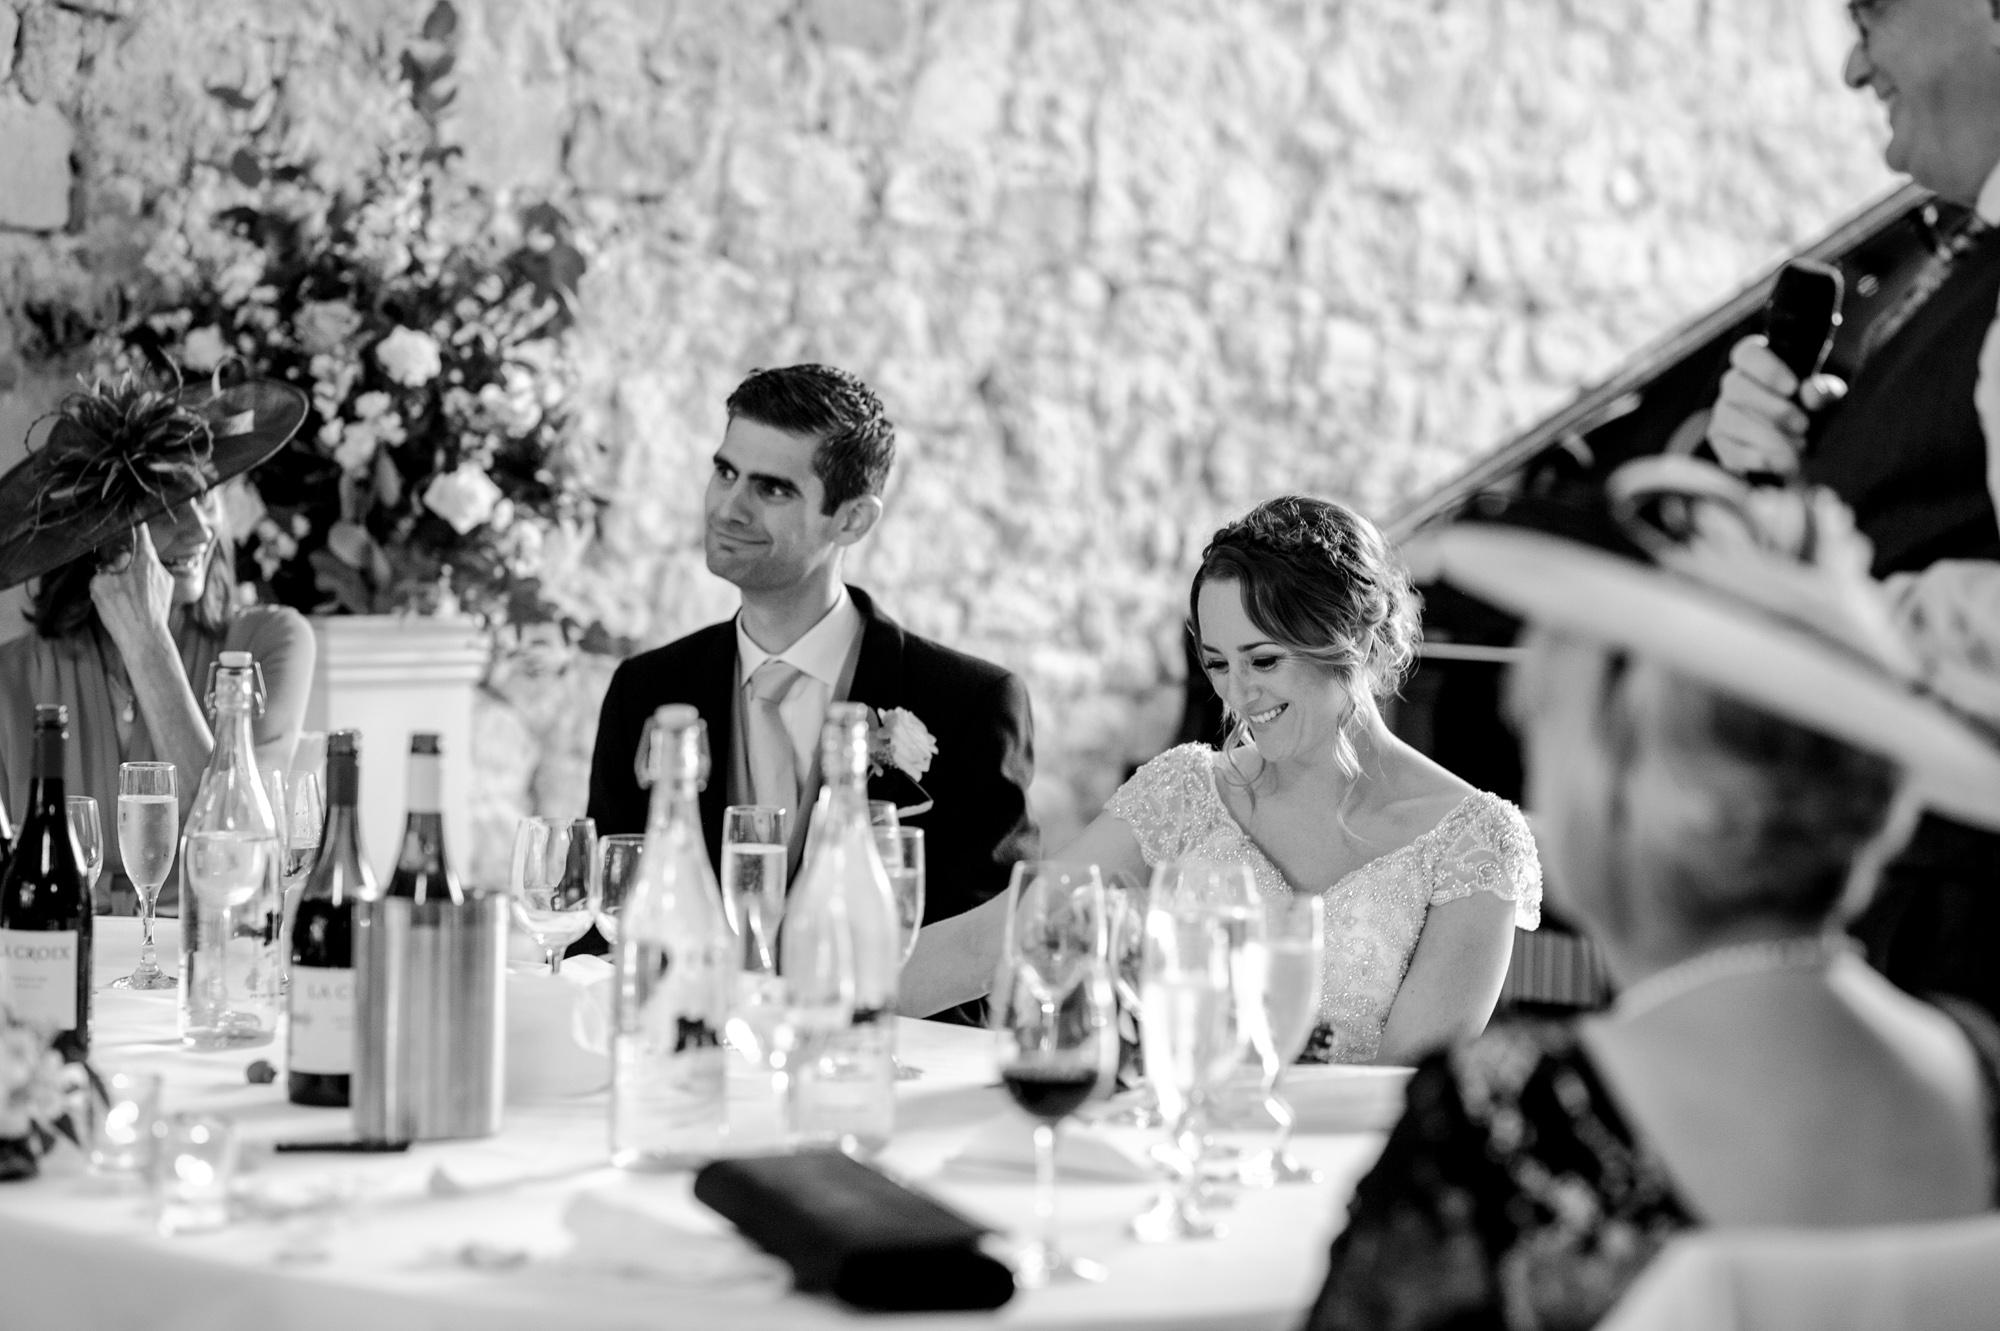 Notley Barn Wedding 26.10.18 24.jpg